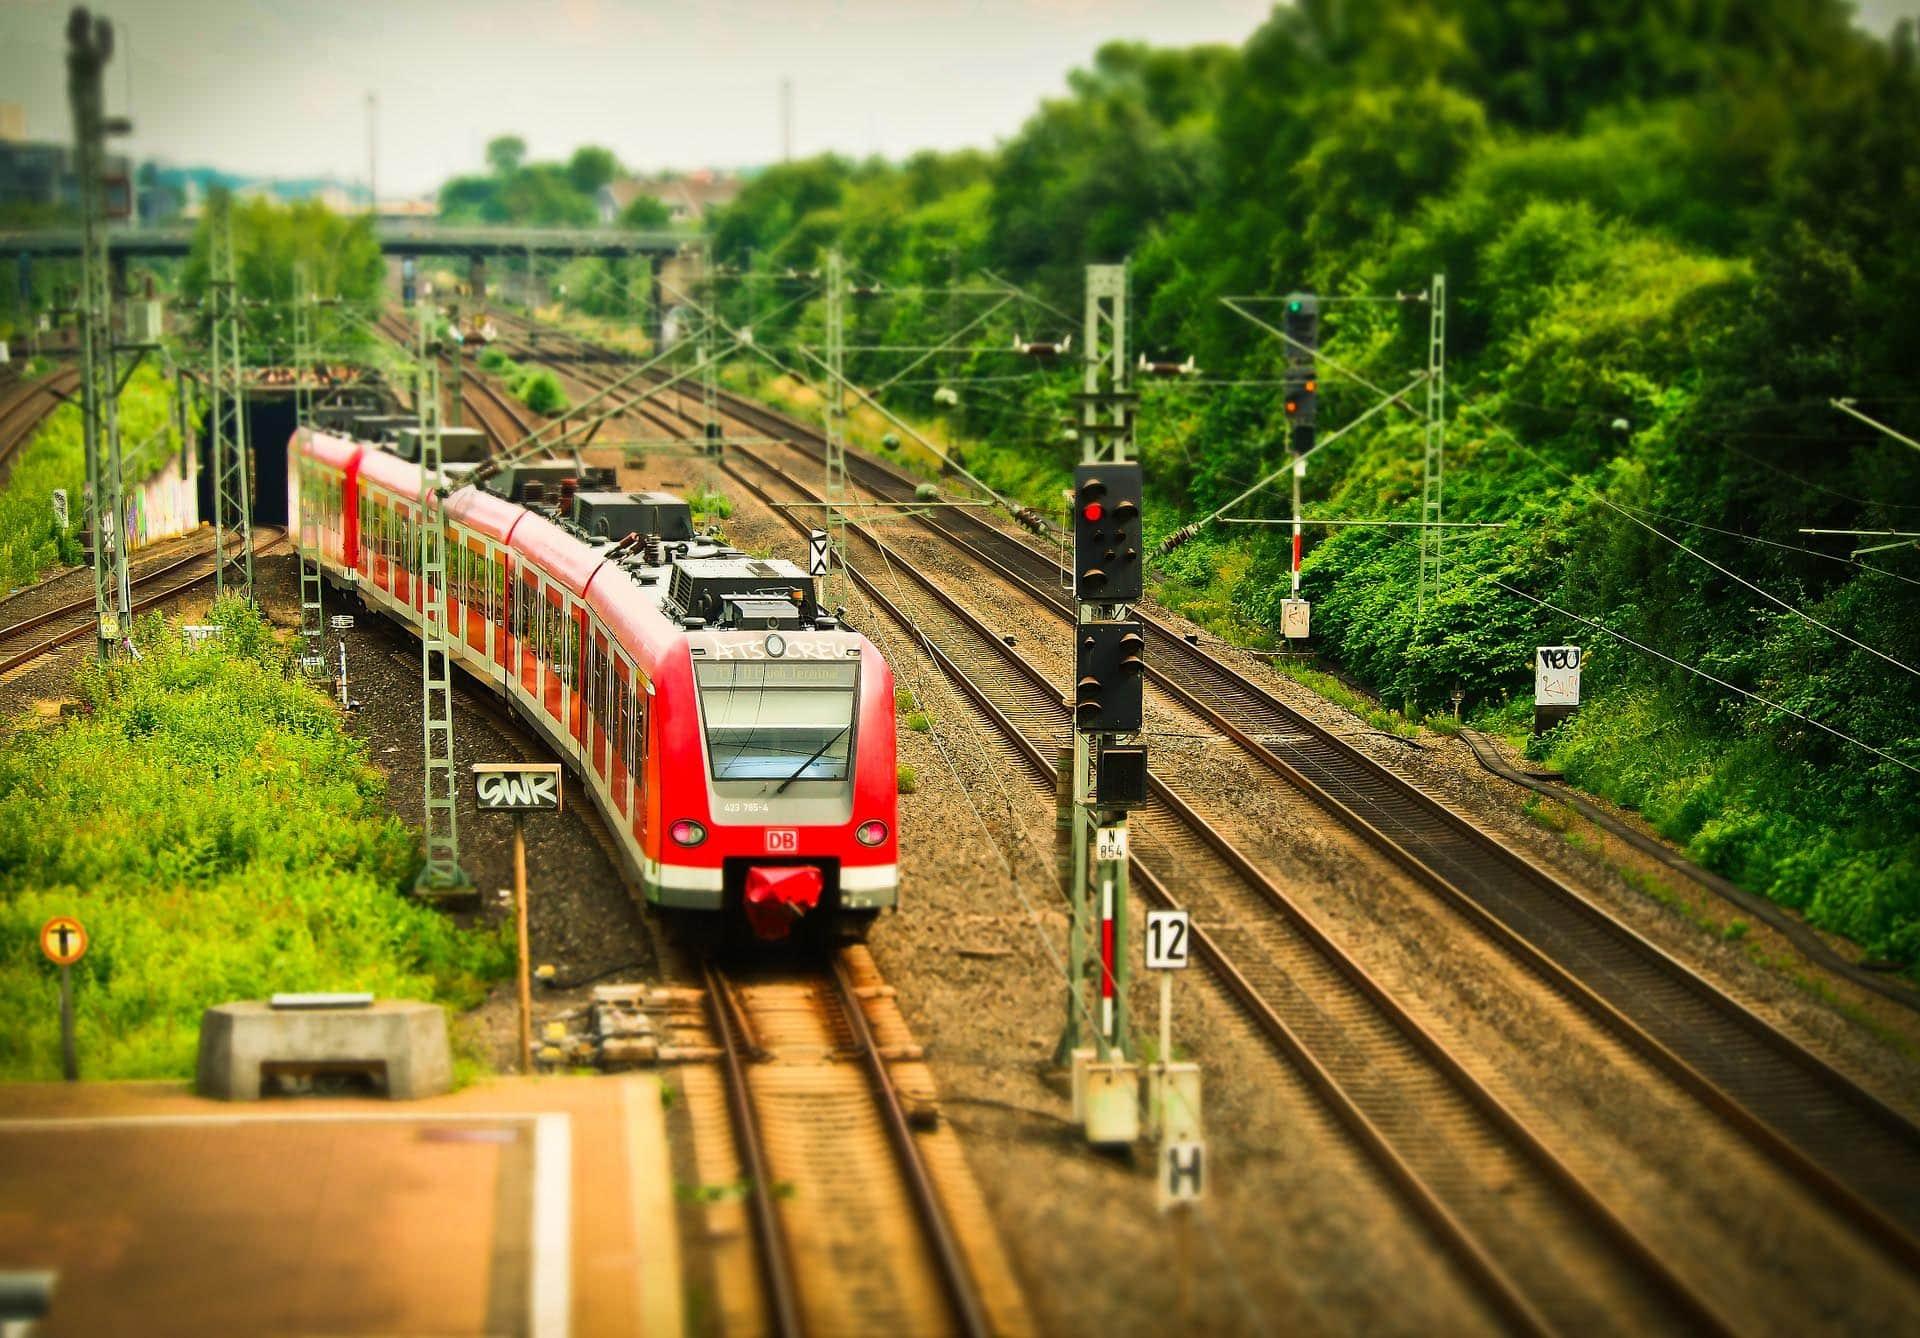 Bahnfahren im 30-Minuten-Takt S-Bahn-ähnlicher Betrieb für über 1,3 Mio. Menschen in der Region